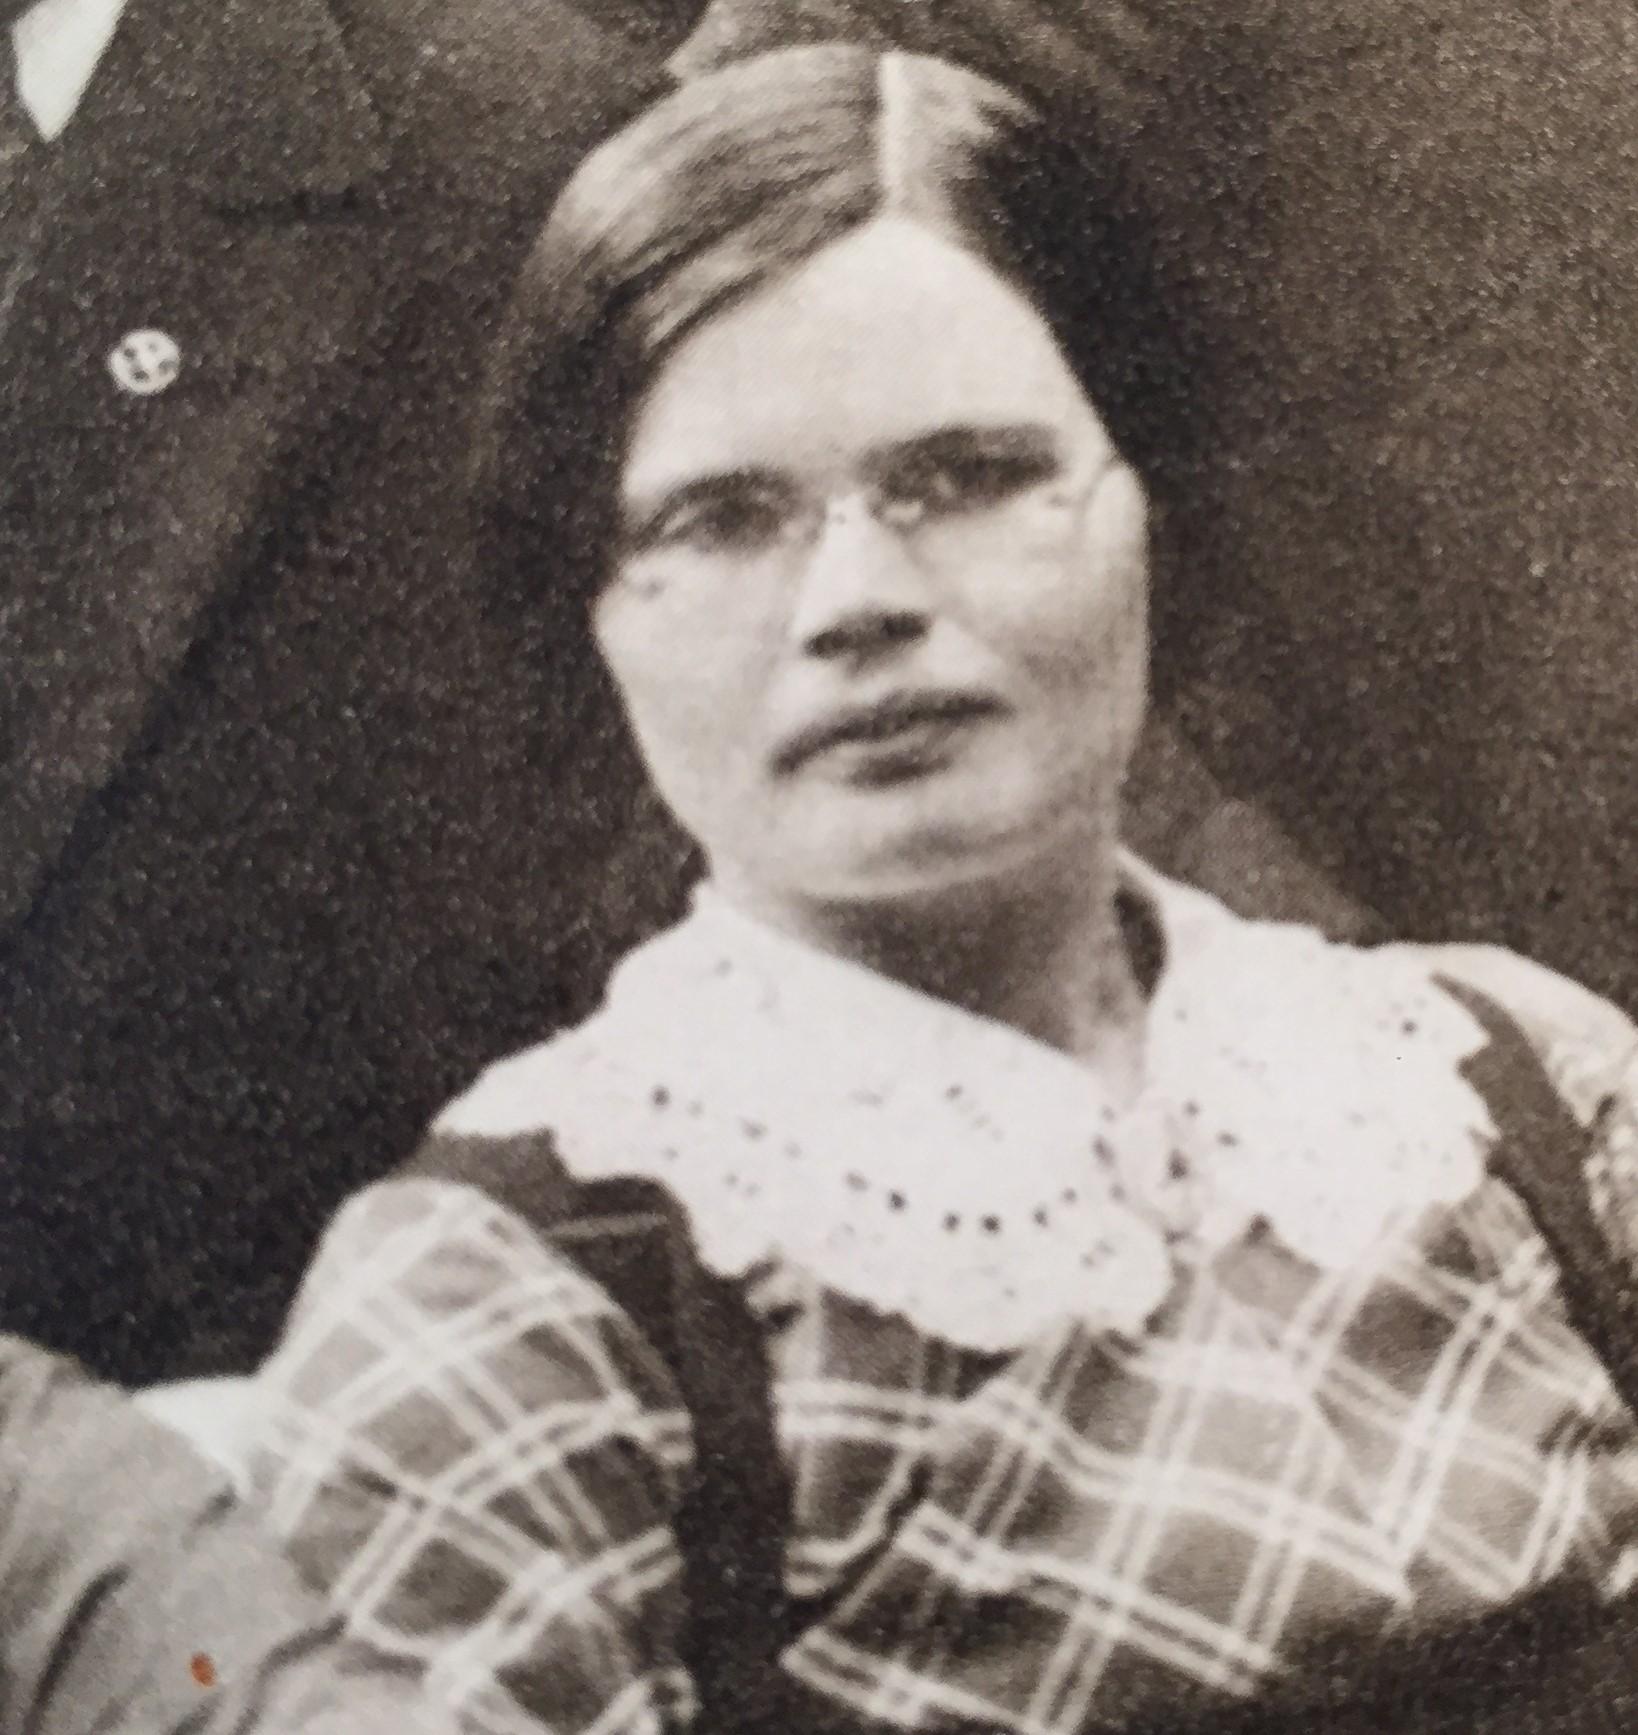 Emma Flood, 1912. Detalj från gruppfoto av Socialdemokratiska Ungdomsförbundets centralkommitté. Fotograf okänd (Arbetarrörelsens arkiv och bibliotek)